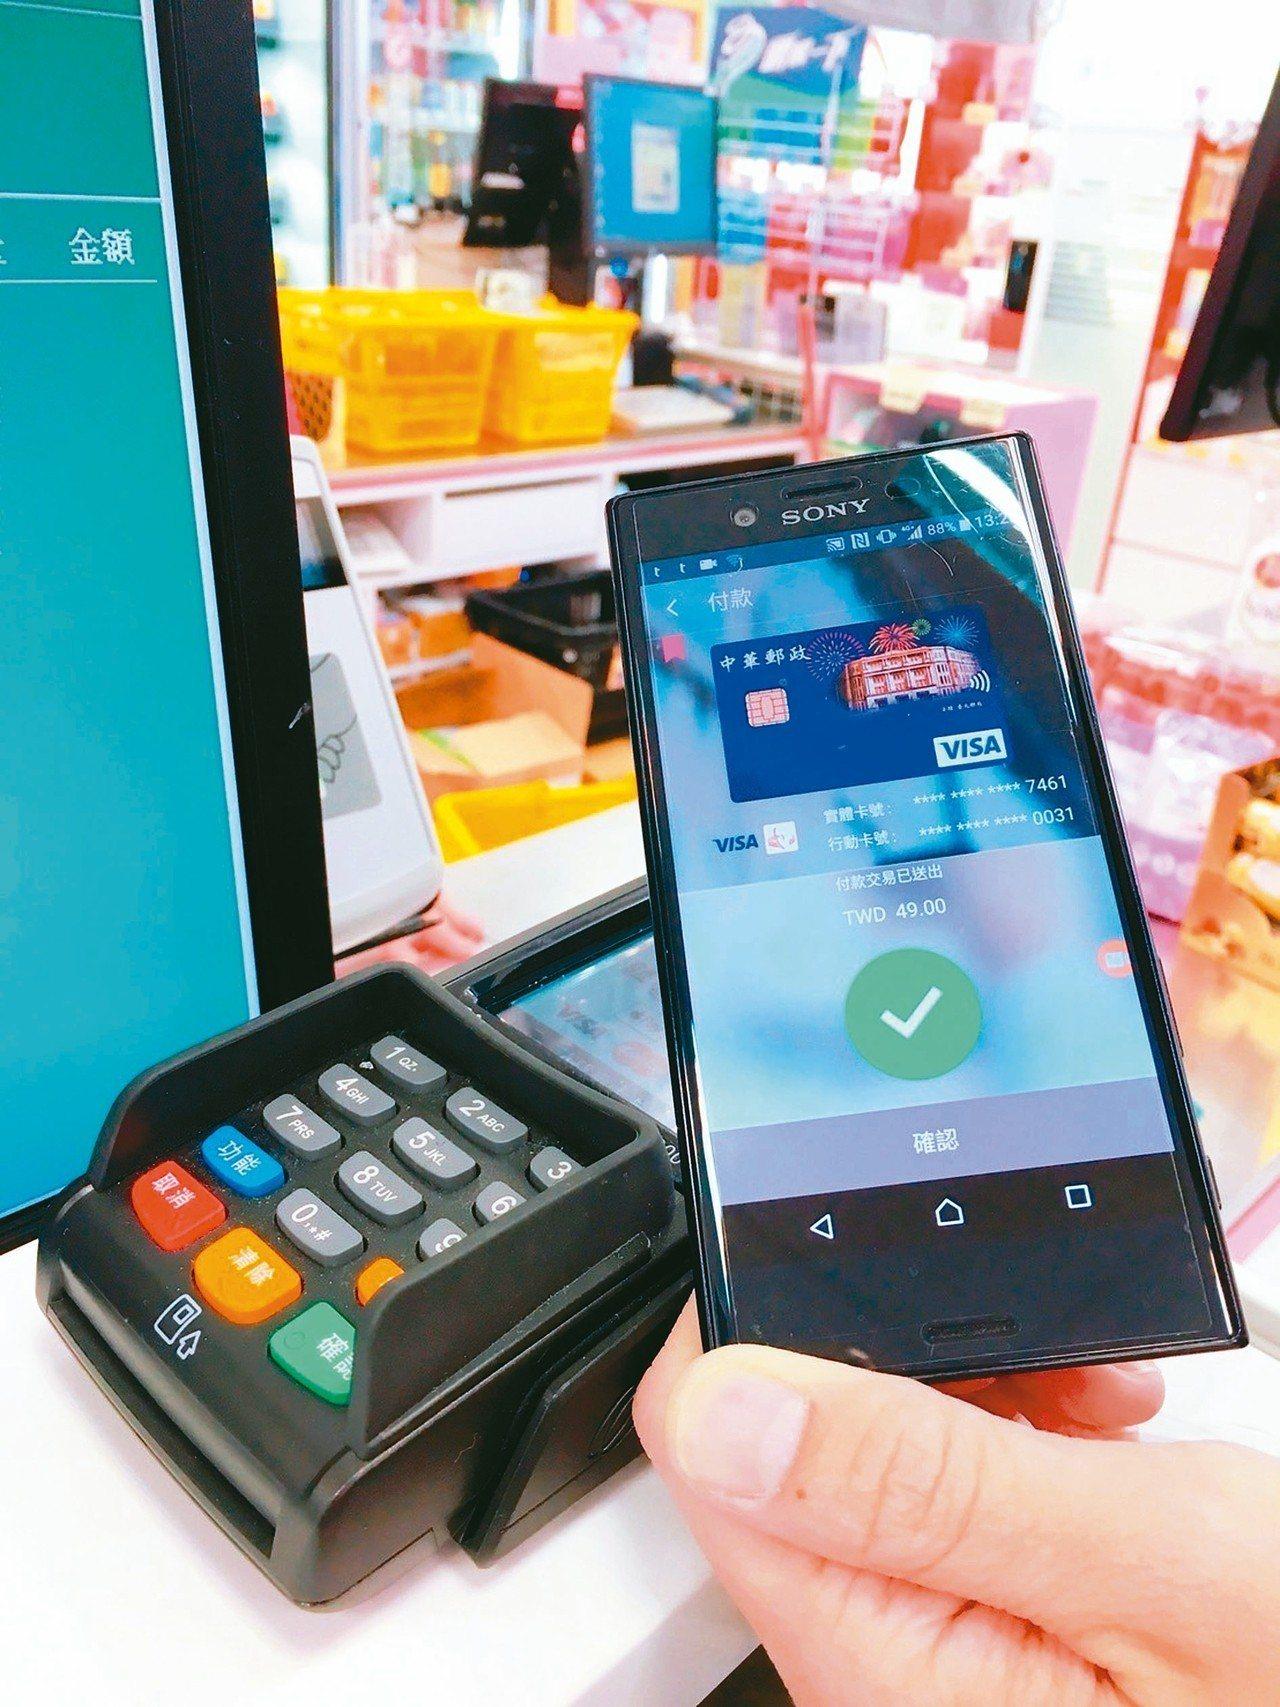 財政部主導公股銀行推動「台灣Pay QR Code共通支付標準」,VISA、Ma...